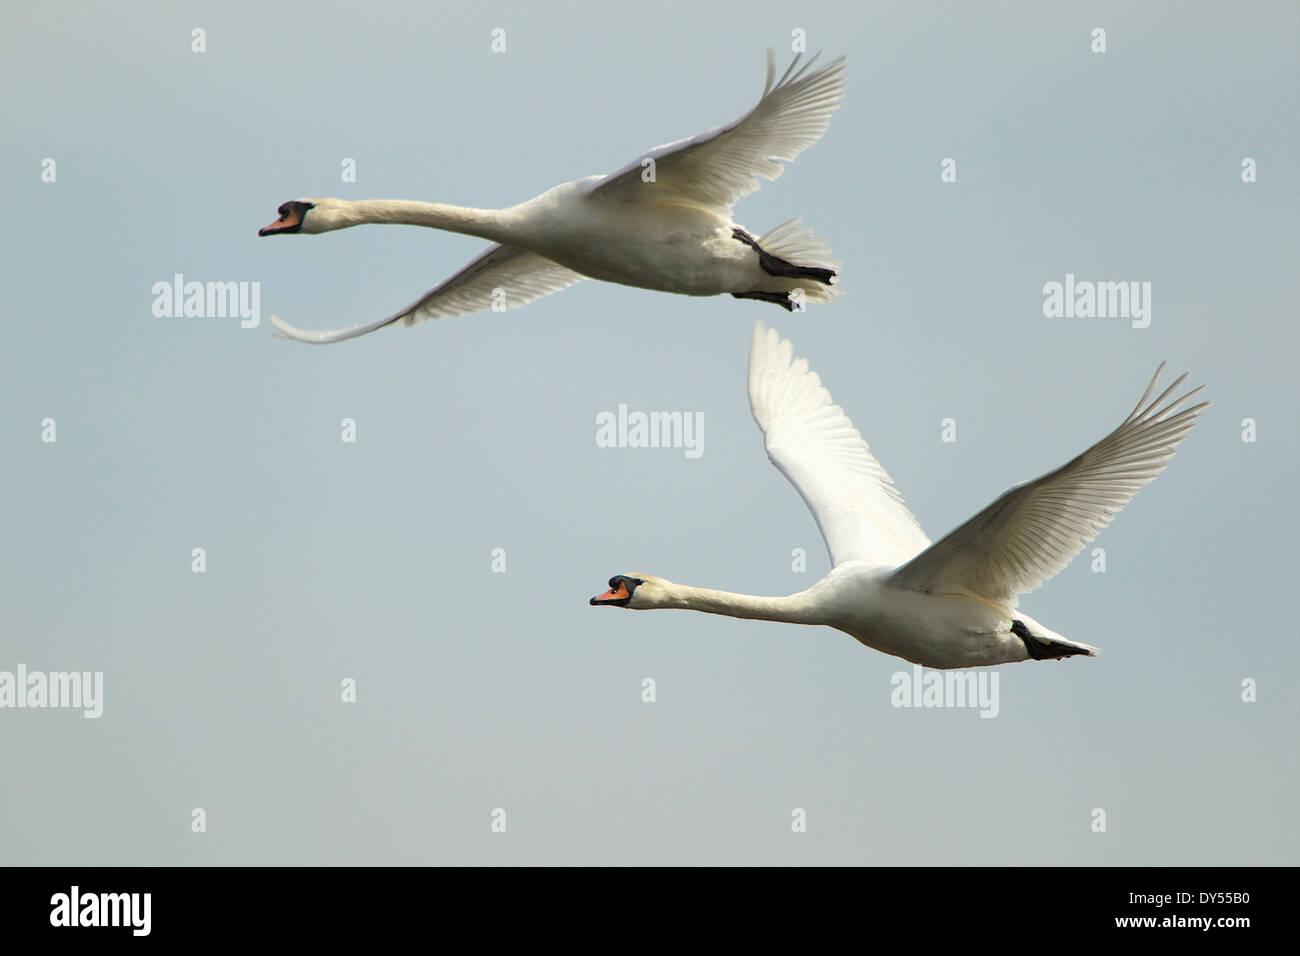 Mute swan - Cygnus olor - in flight Stock Photo